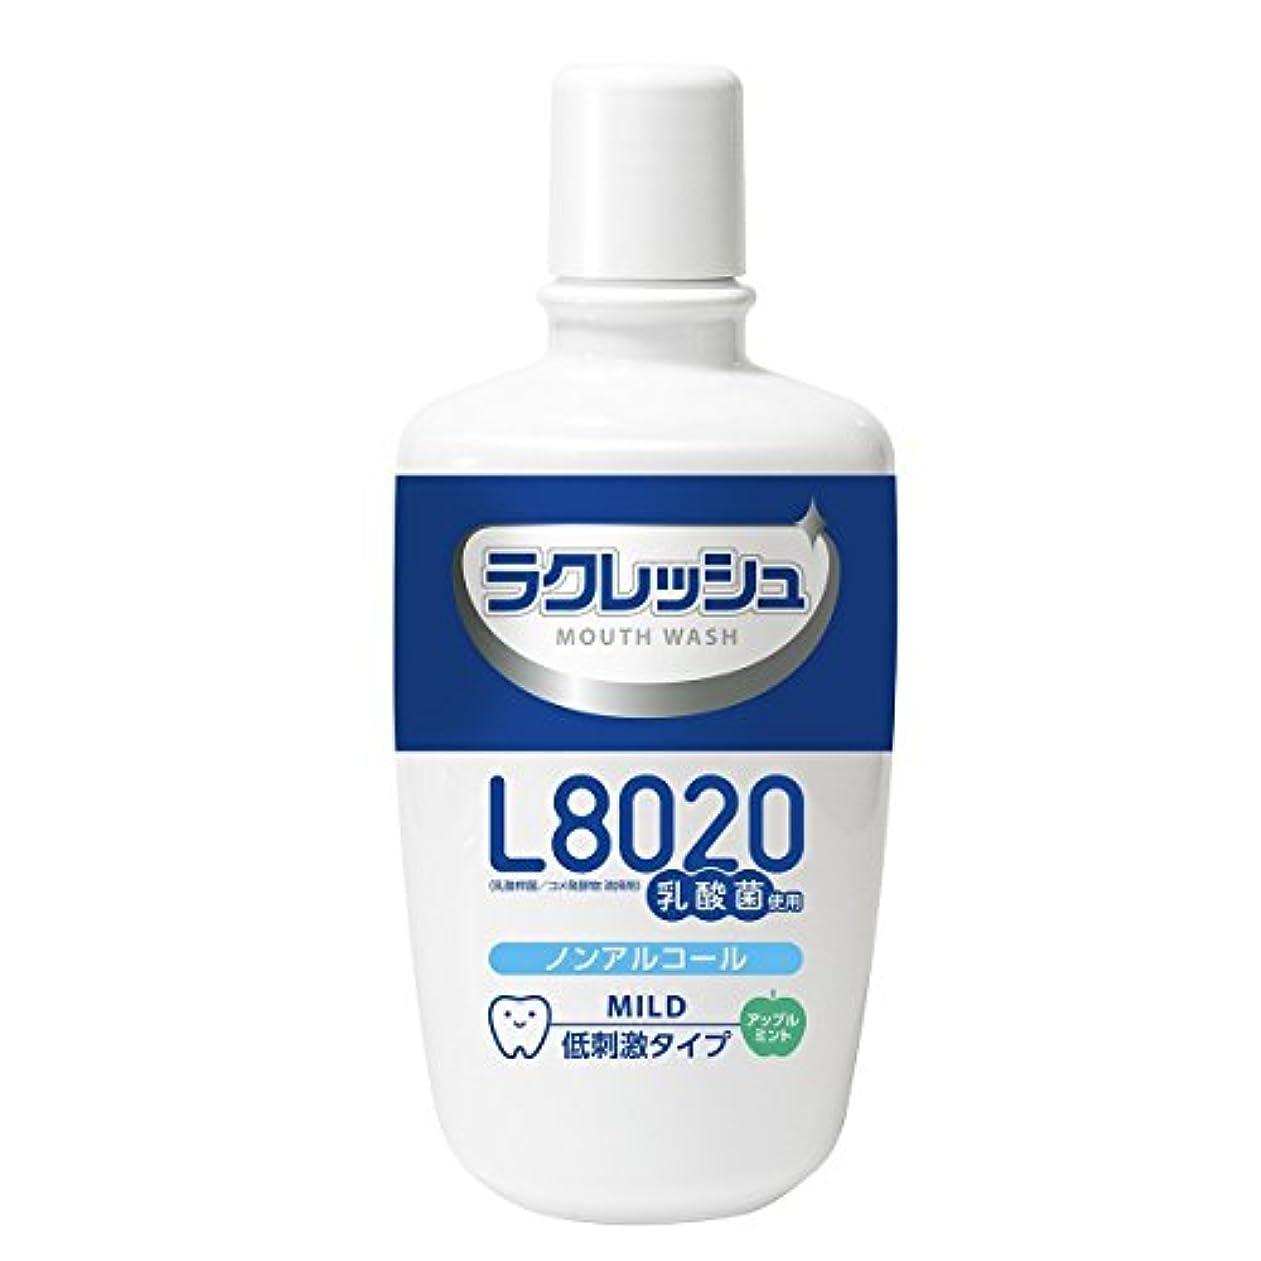 遠足ボランティアセラフラクレッシュ L8020菌 マウスウォッシュ 3本セット (マイルド)